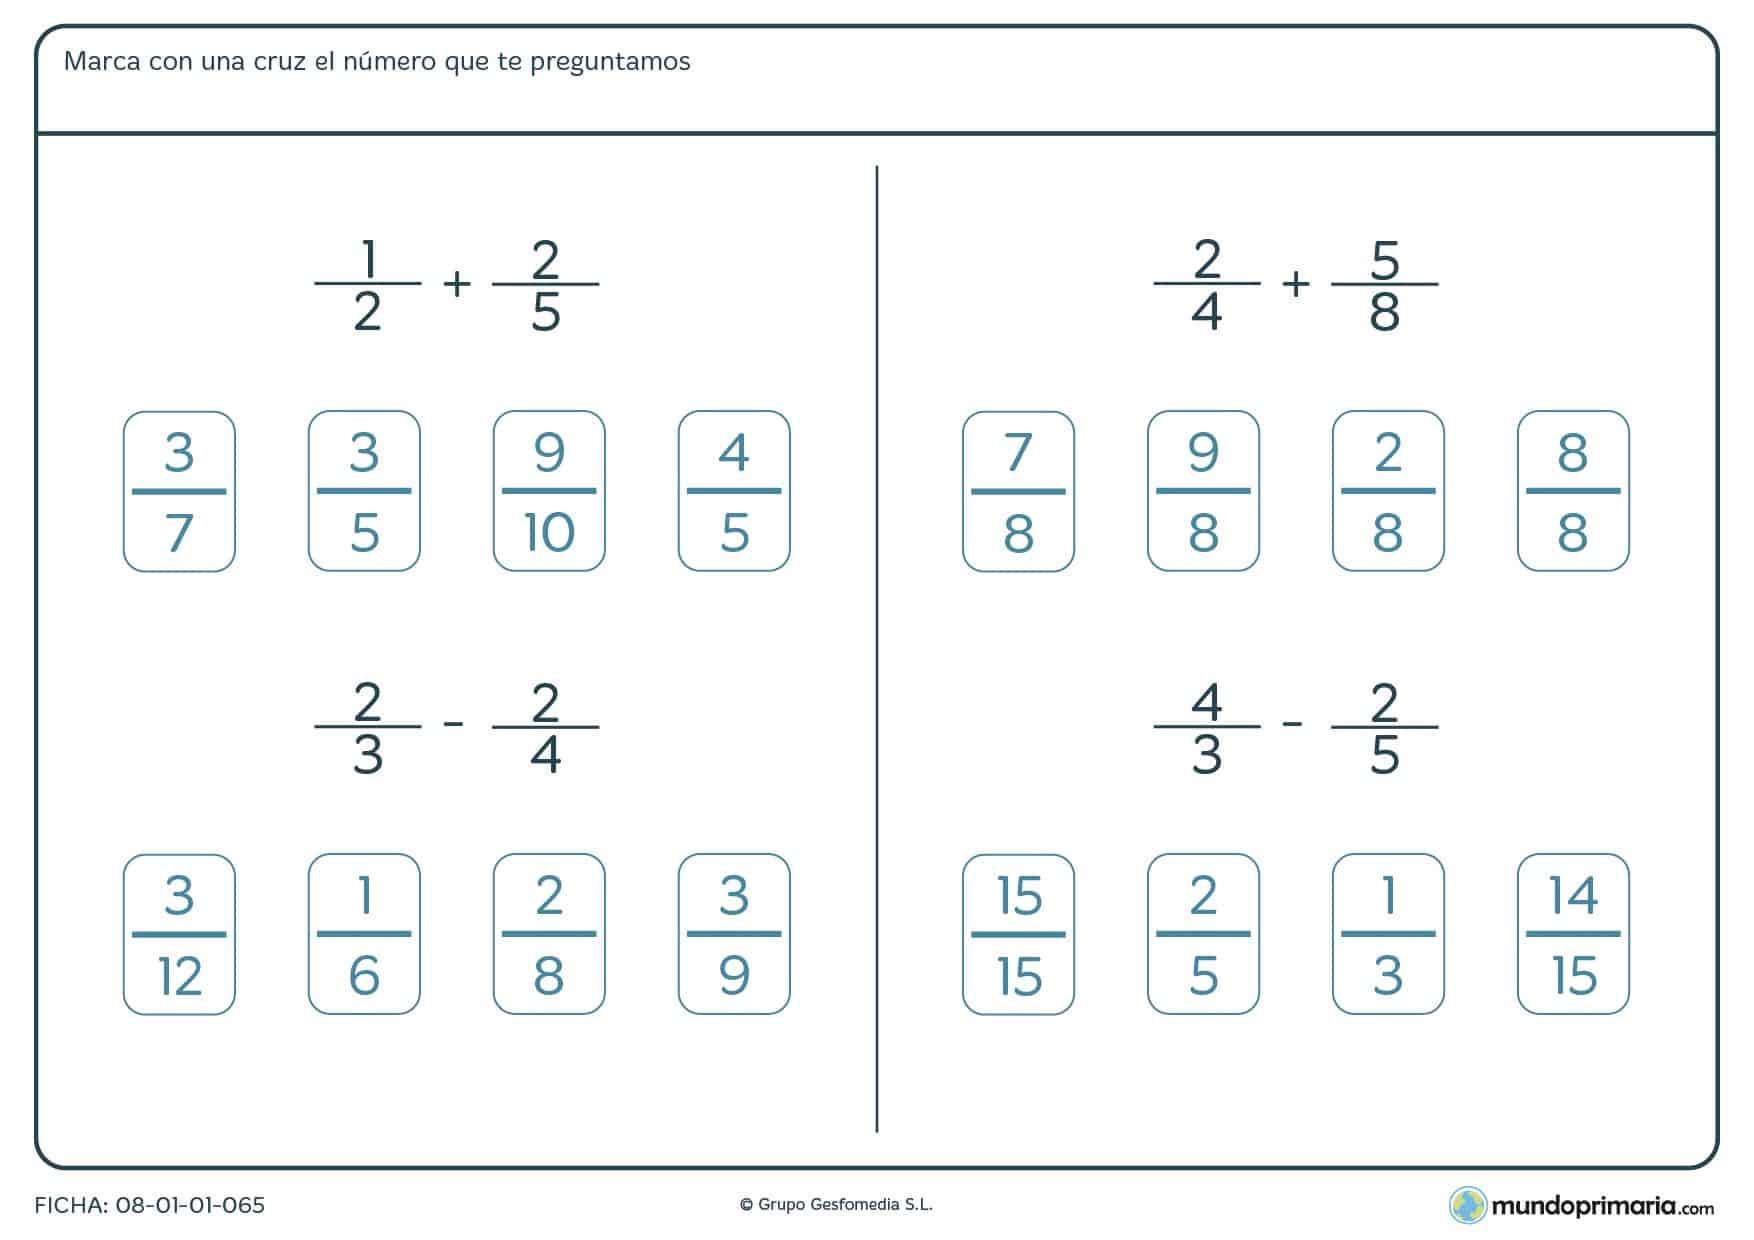 Ficha de multiplicar y dividir fracciones y un número entero para 6º